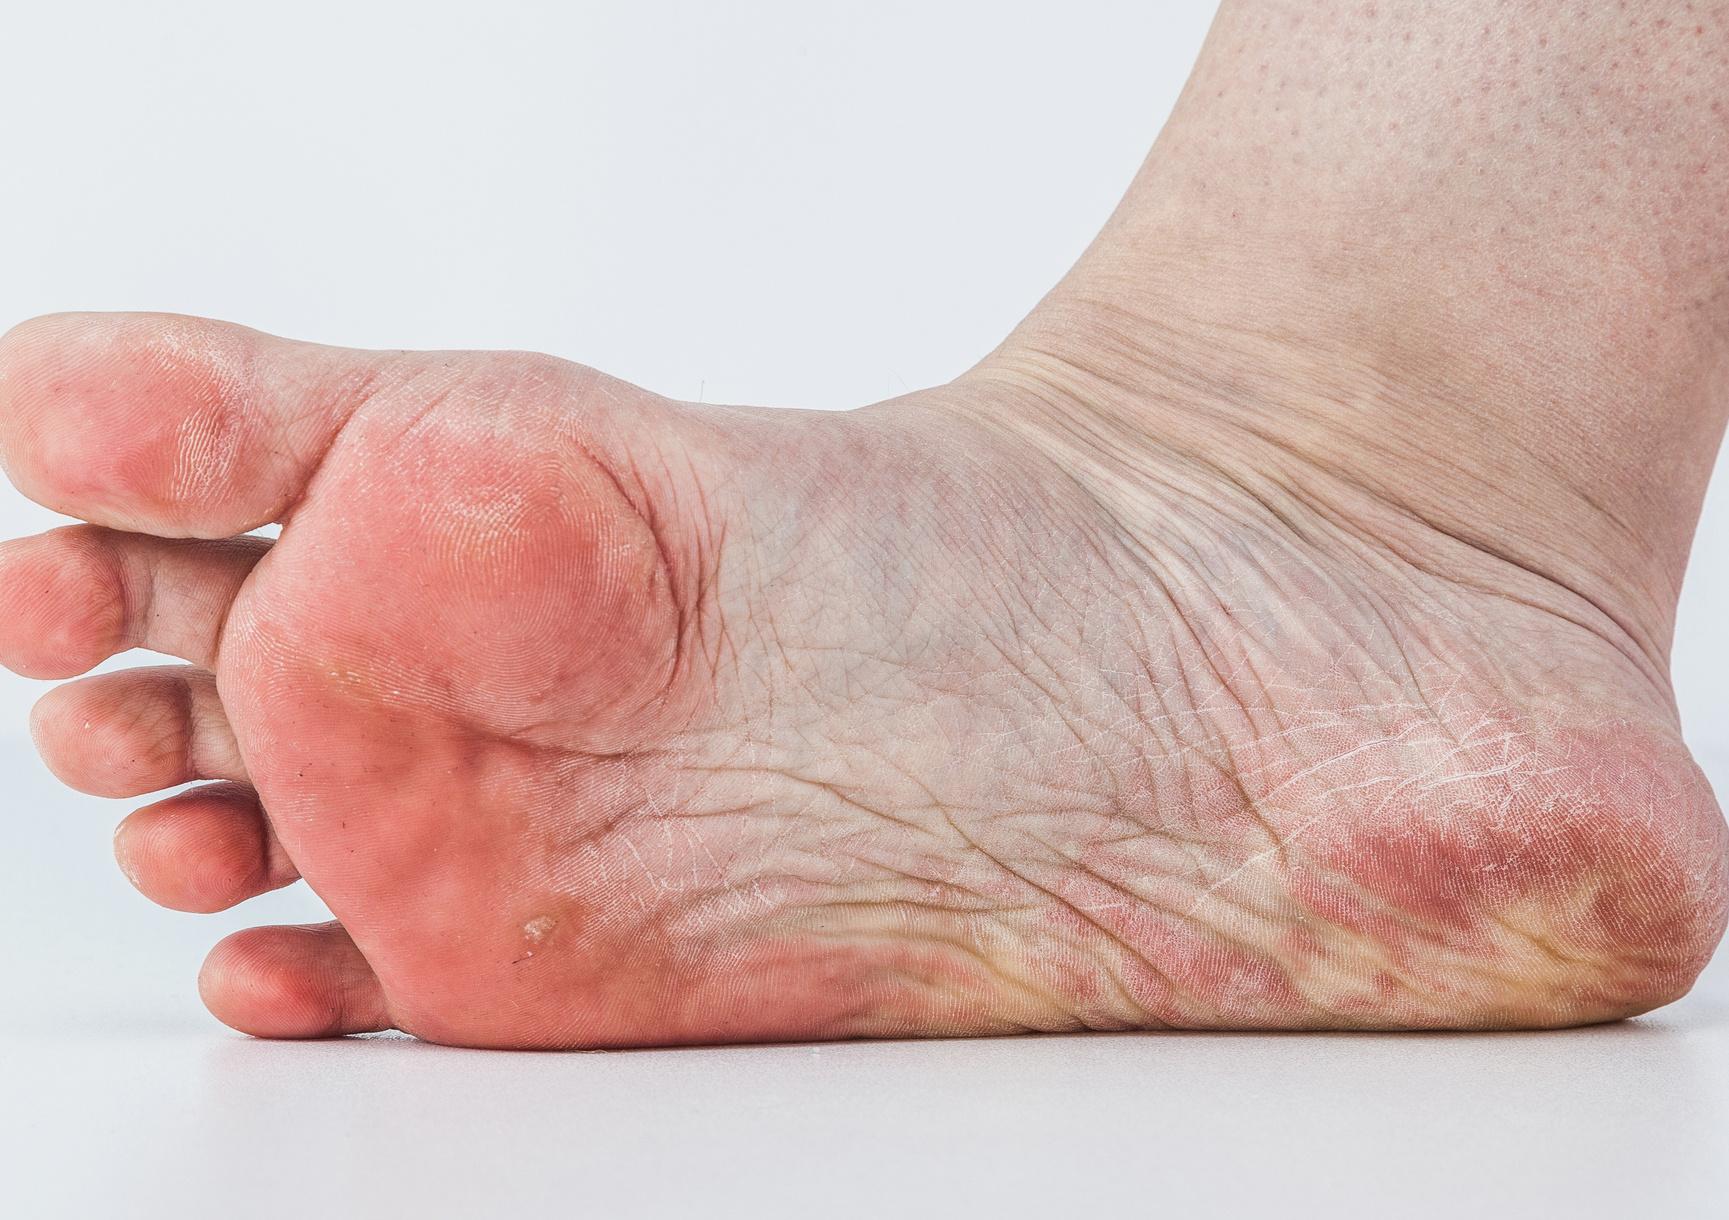 vizes vörös folt a lábán vörös folt a bőrön hámlik fáj